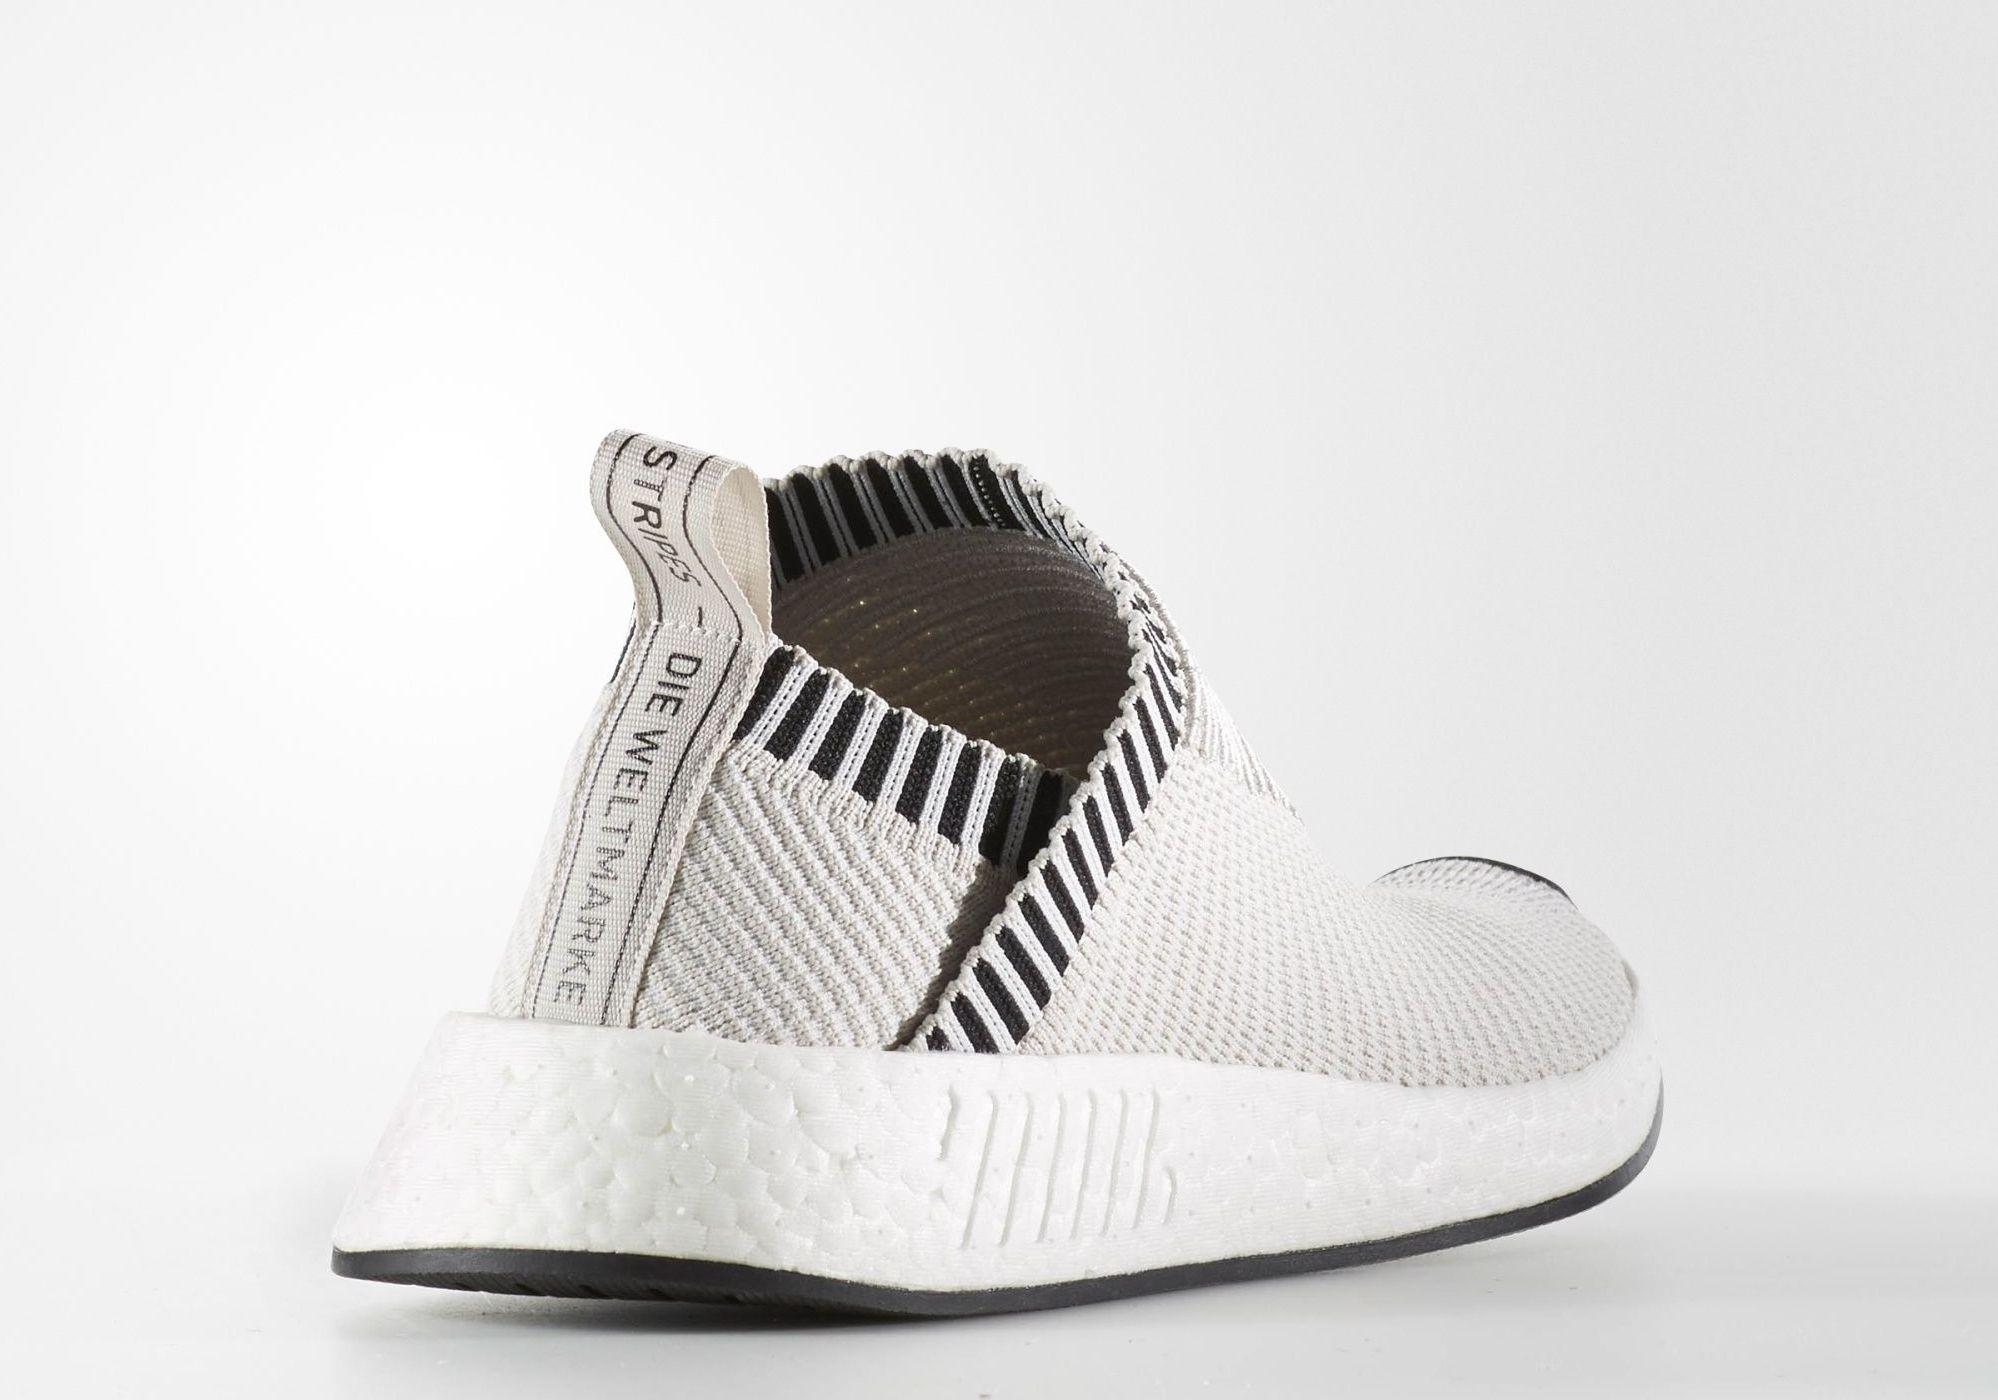 Adidas NMD CS_2 PK Pearl Grey - Heel